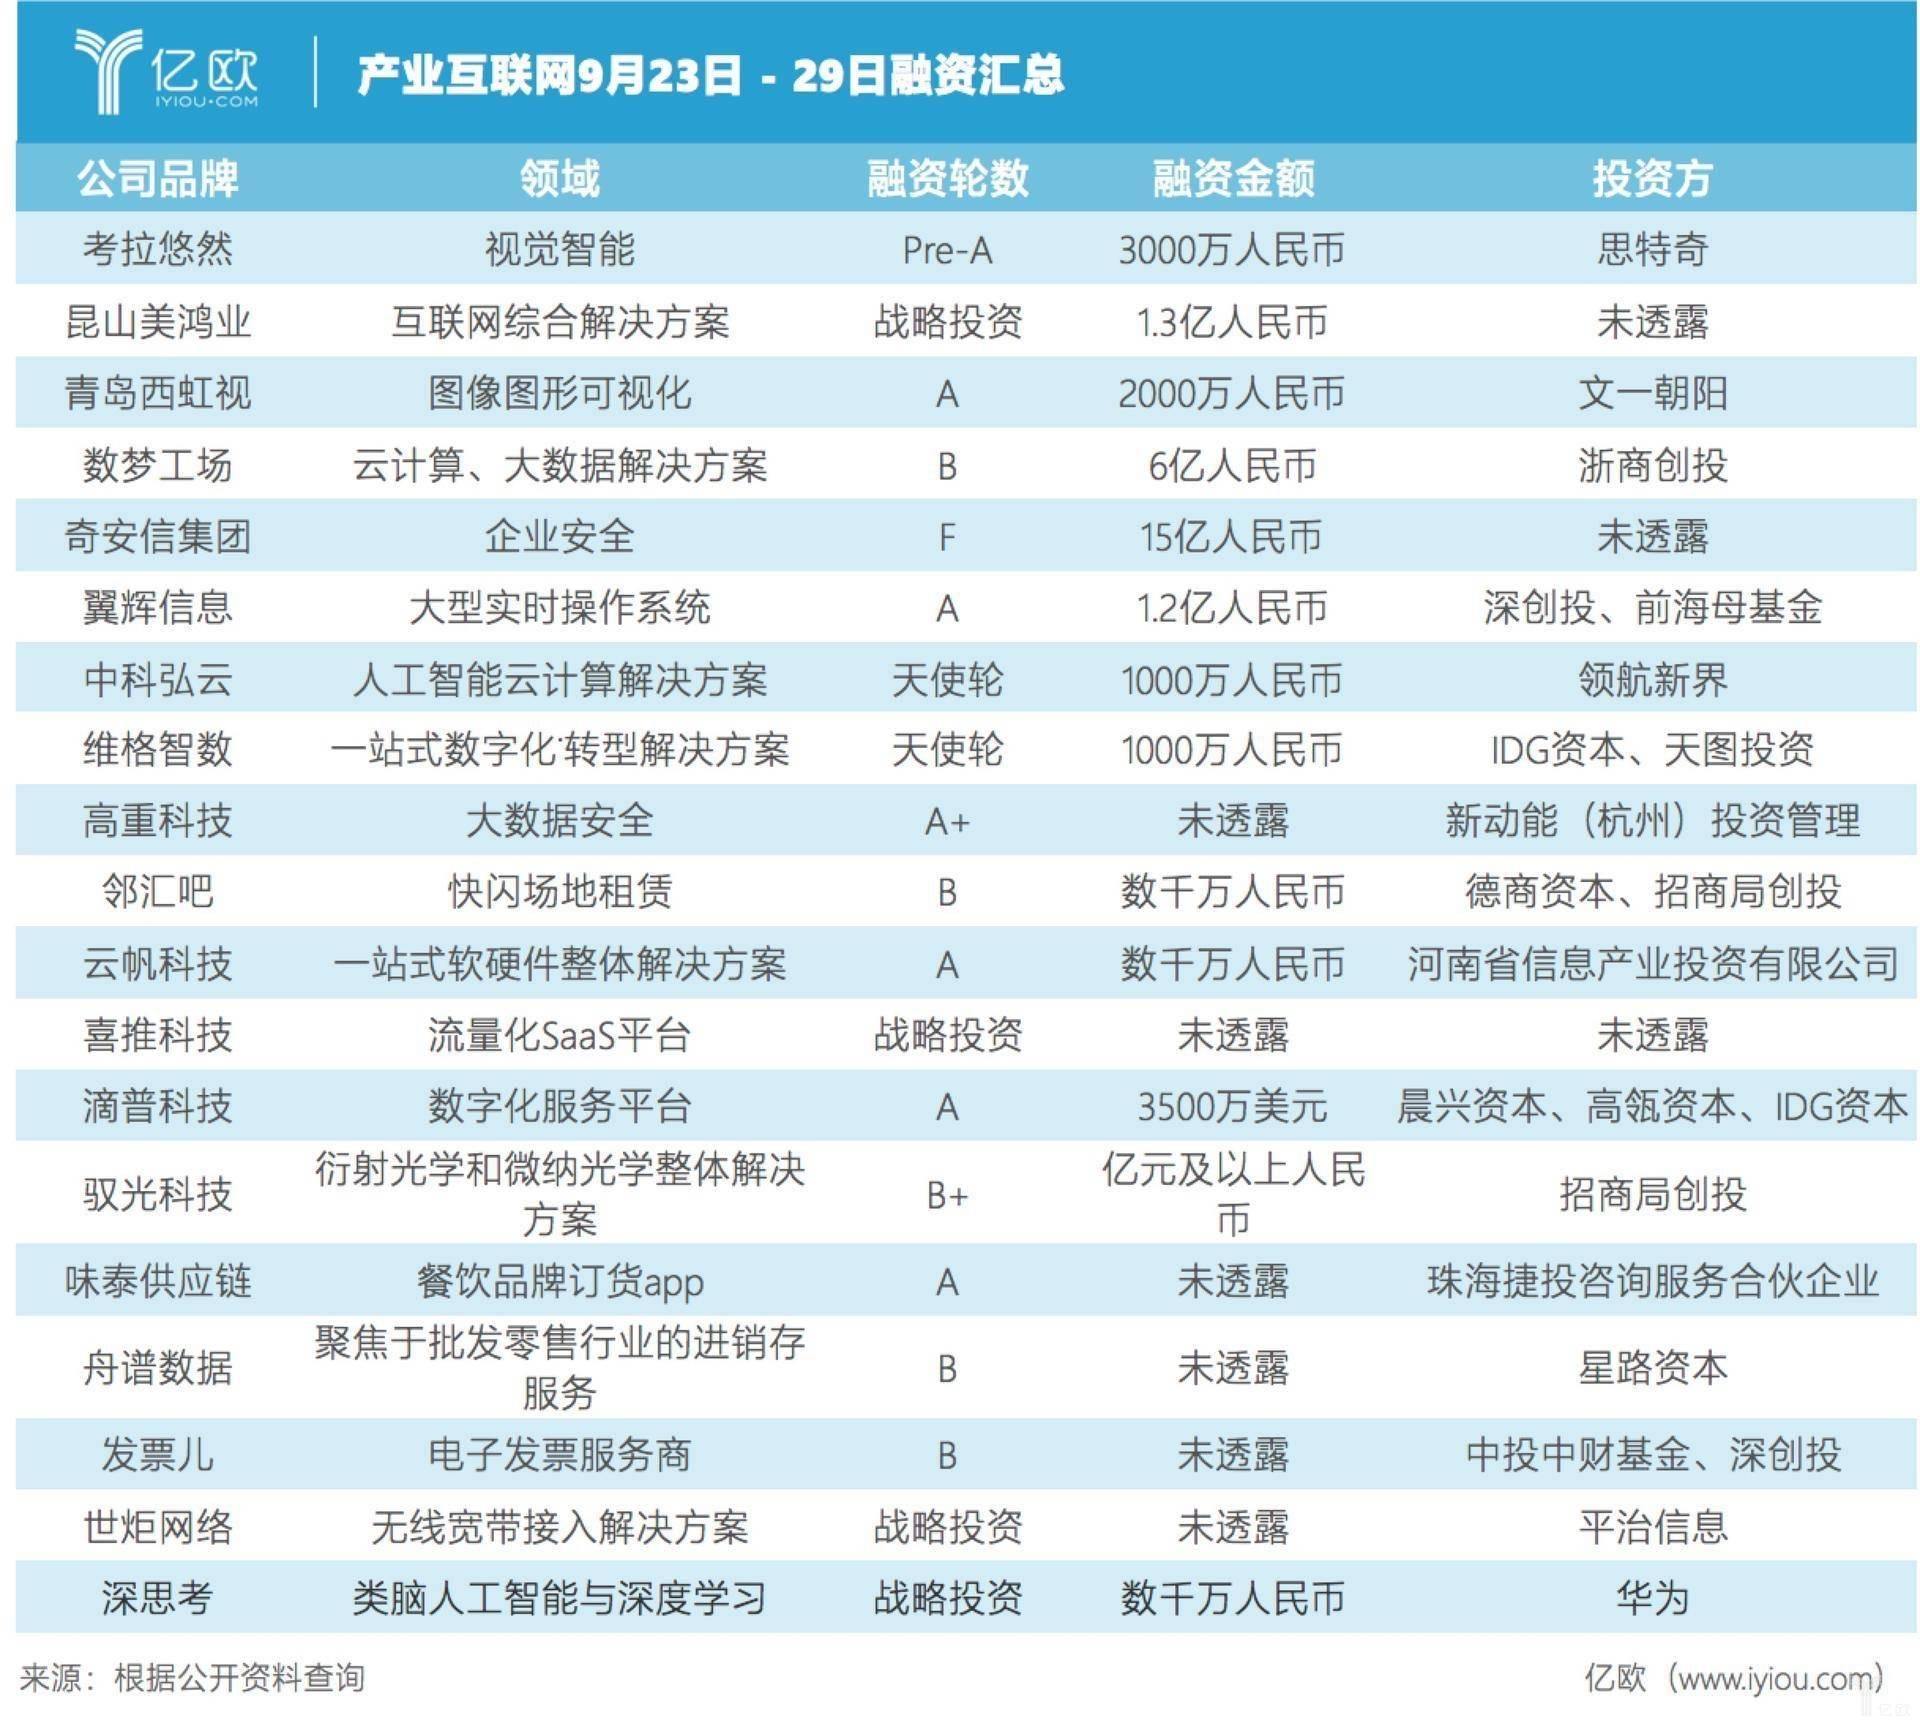 产业互联网融资汇总(9月23日-29日).jpeg